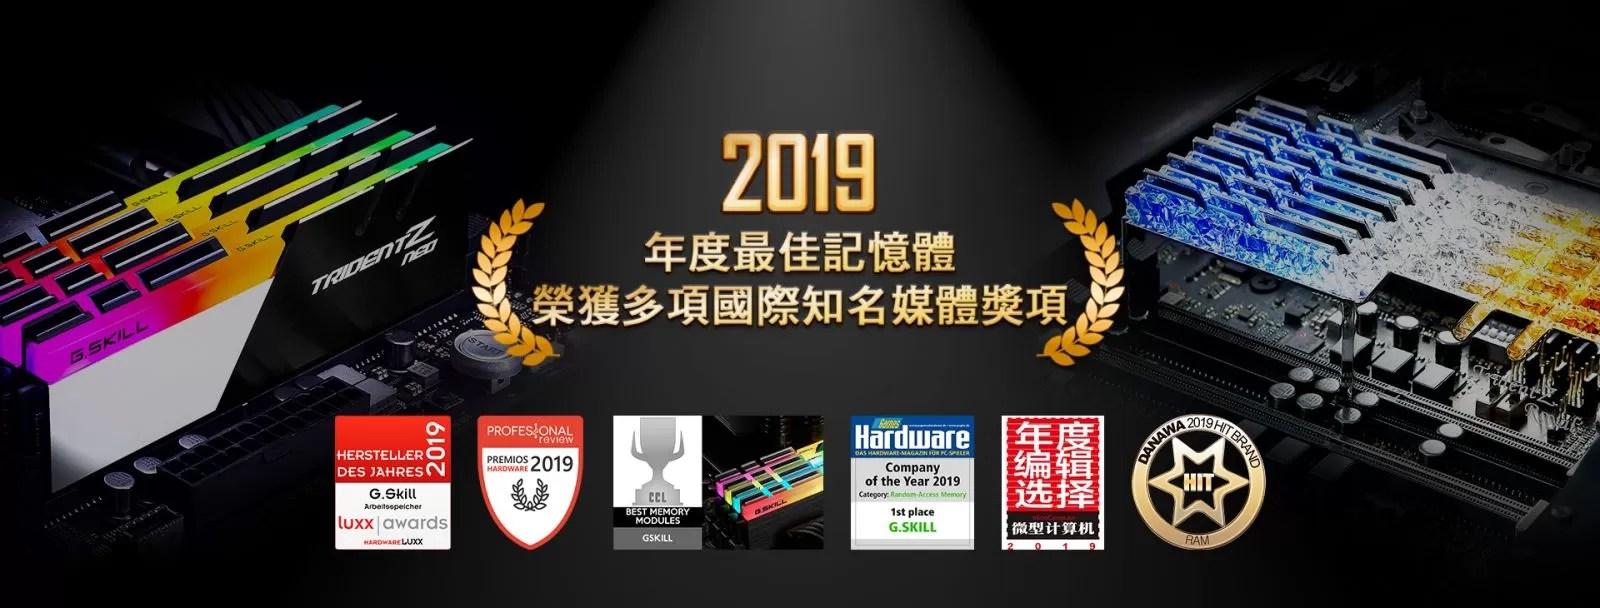 芝奇榮獲多項國際知名媒體2019年度最佳記憶體獎項-芝奇國際實業股份有限公司